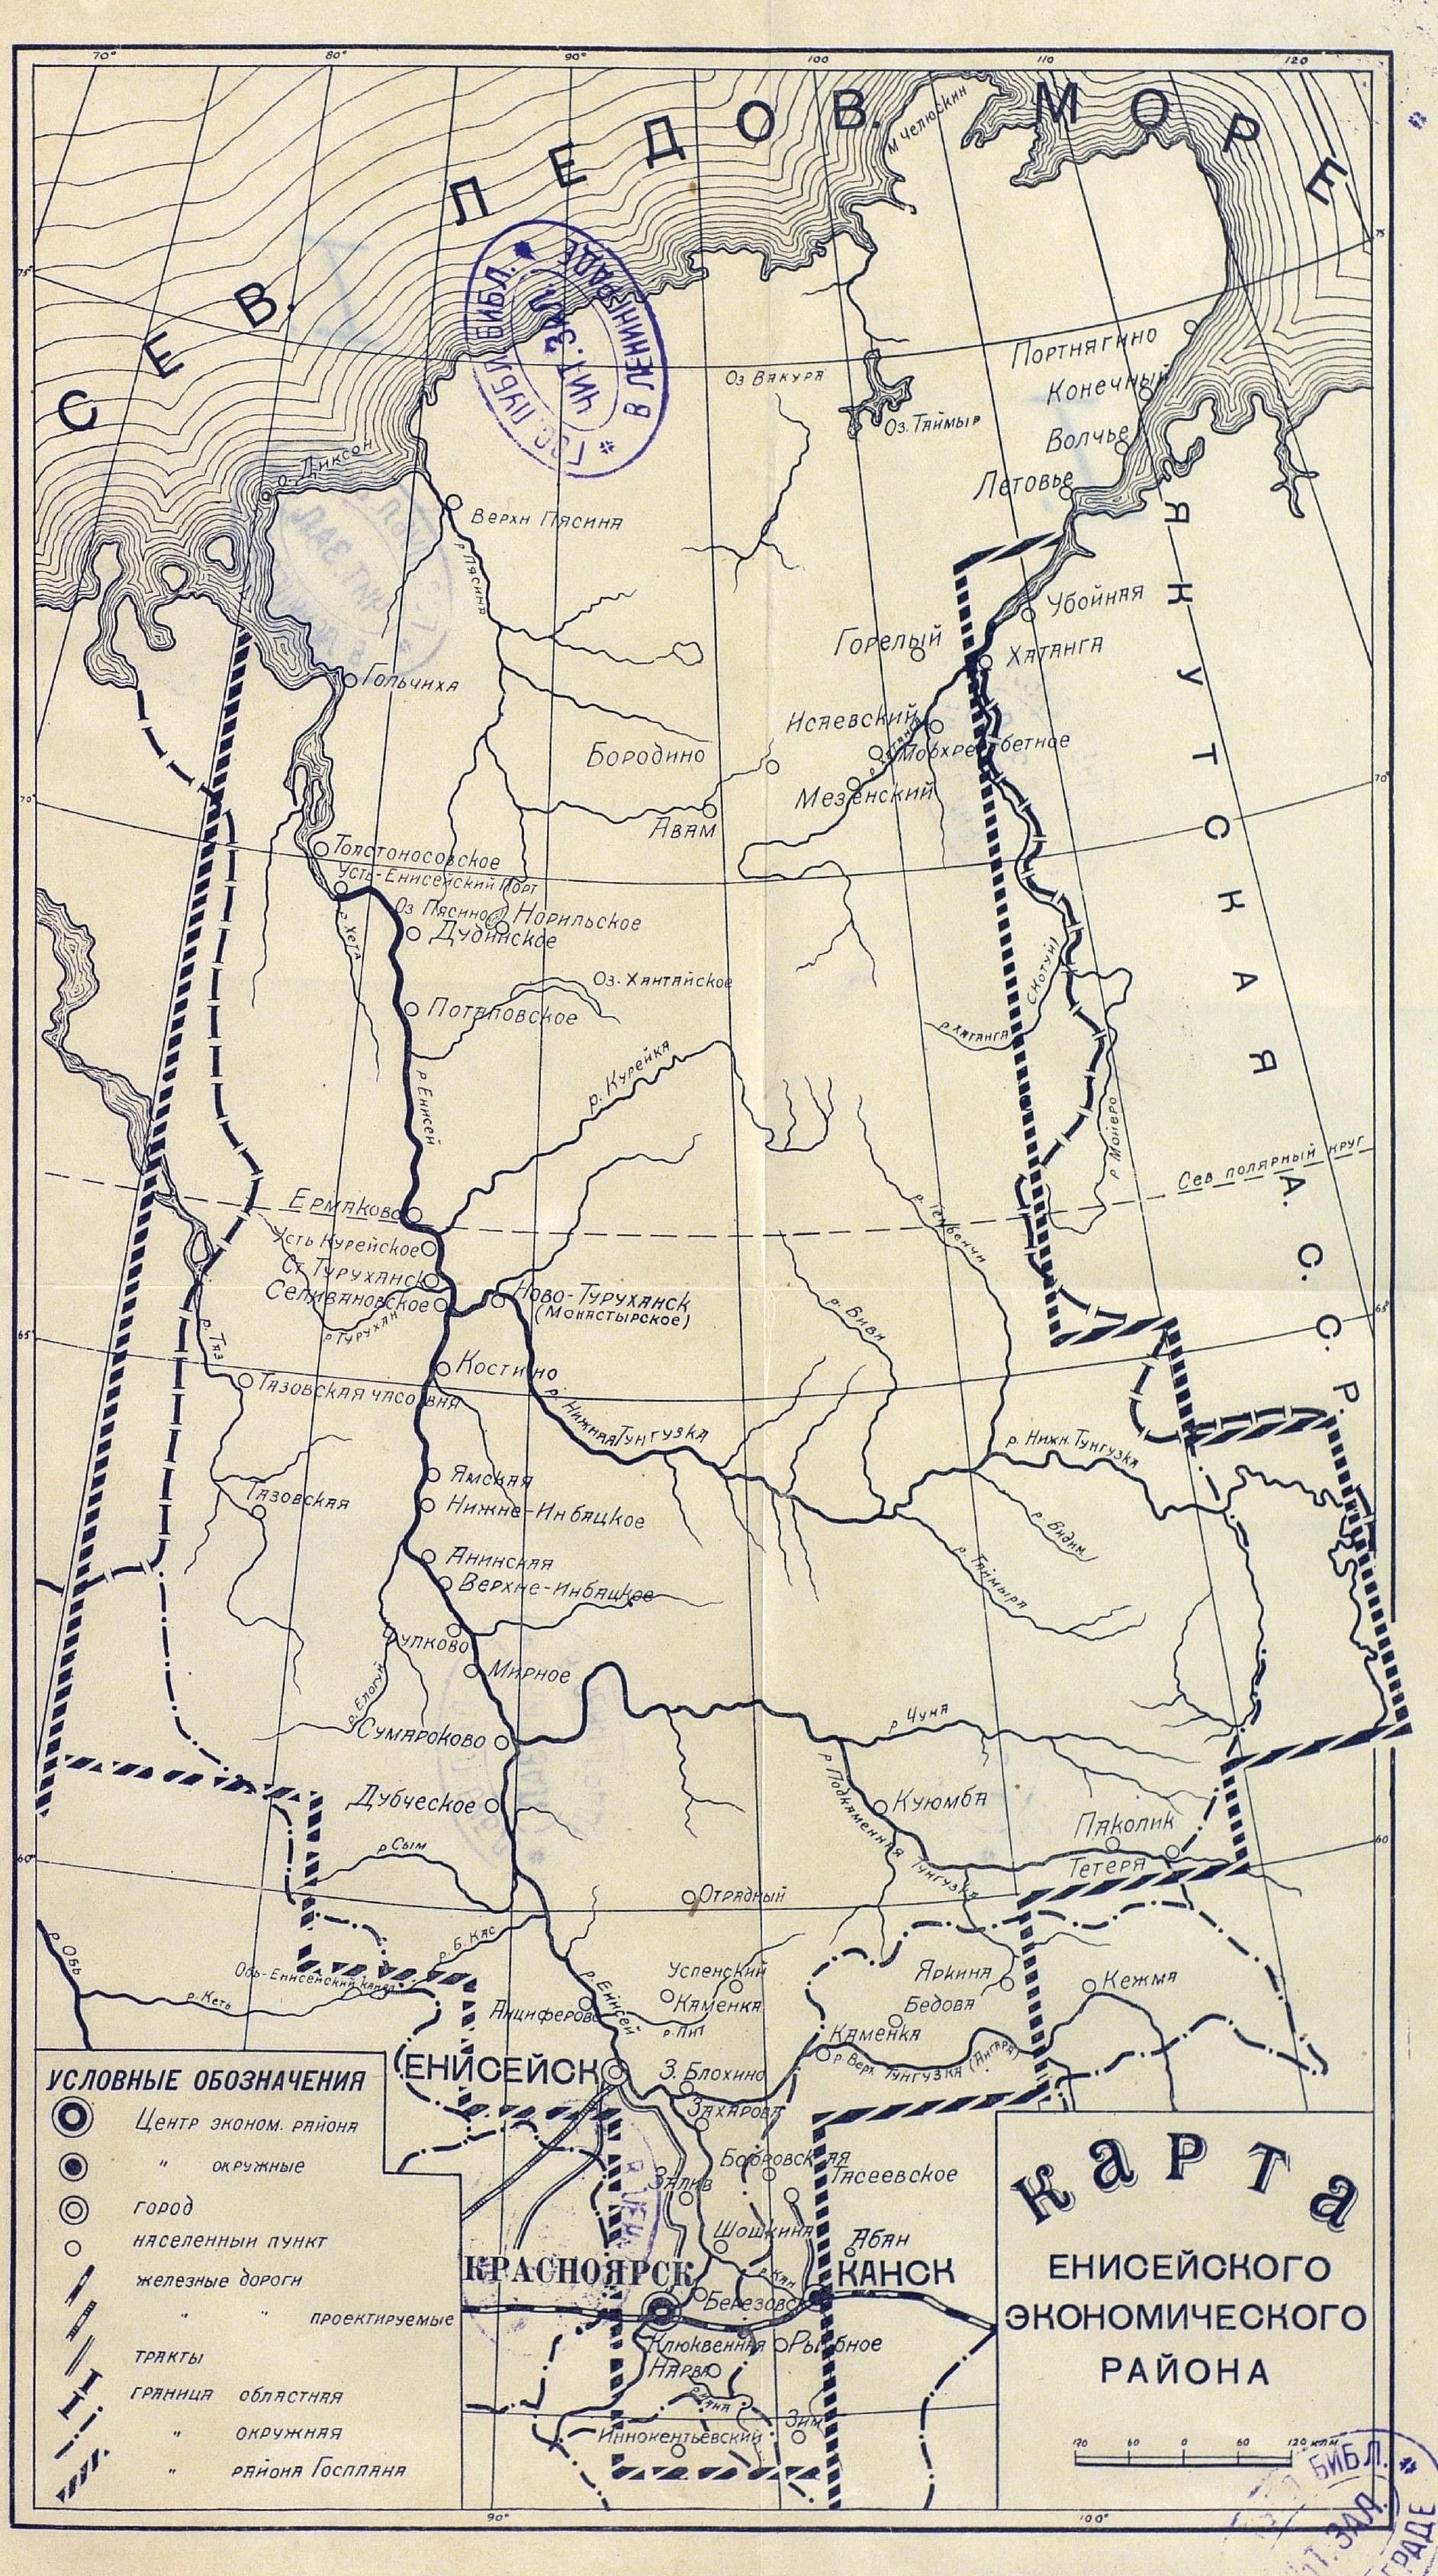 1929 Карта Енисейского экономического района 1929.jpg